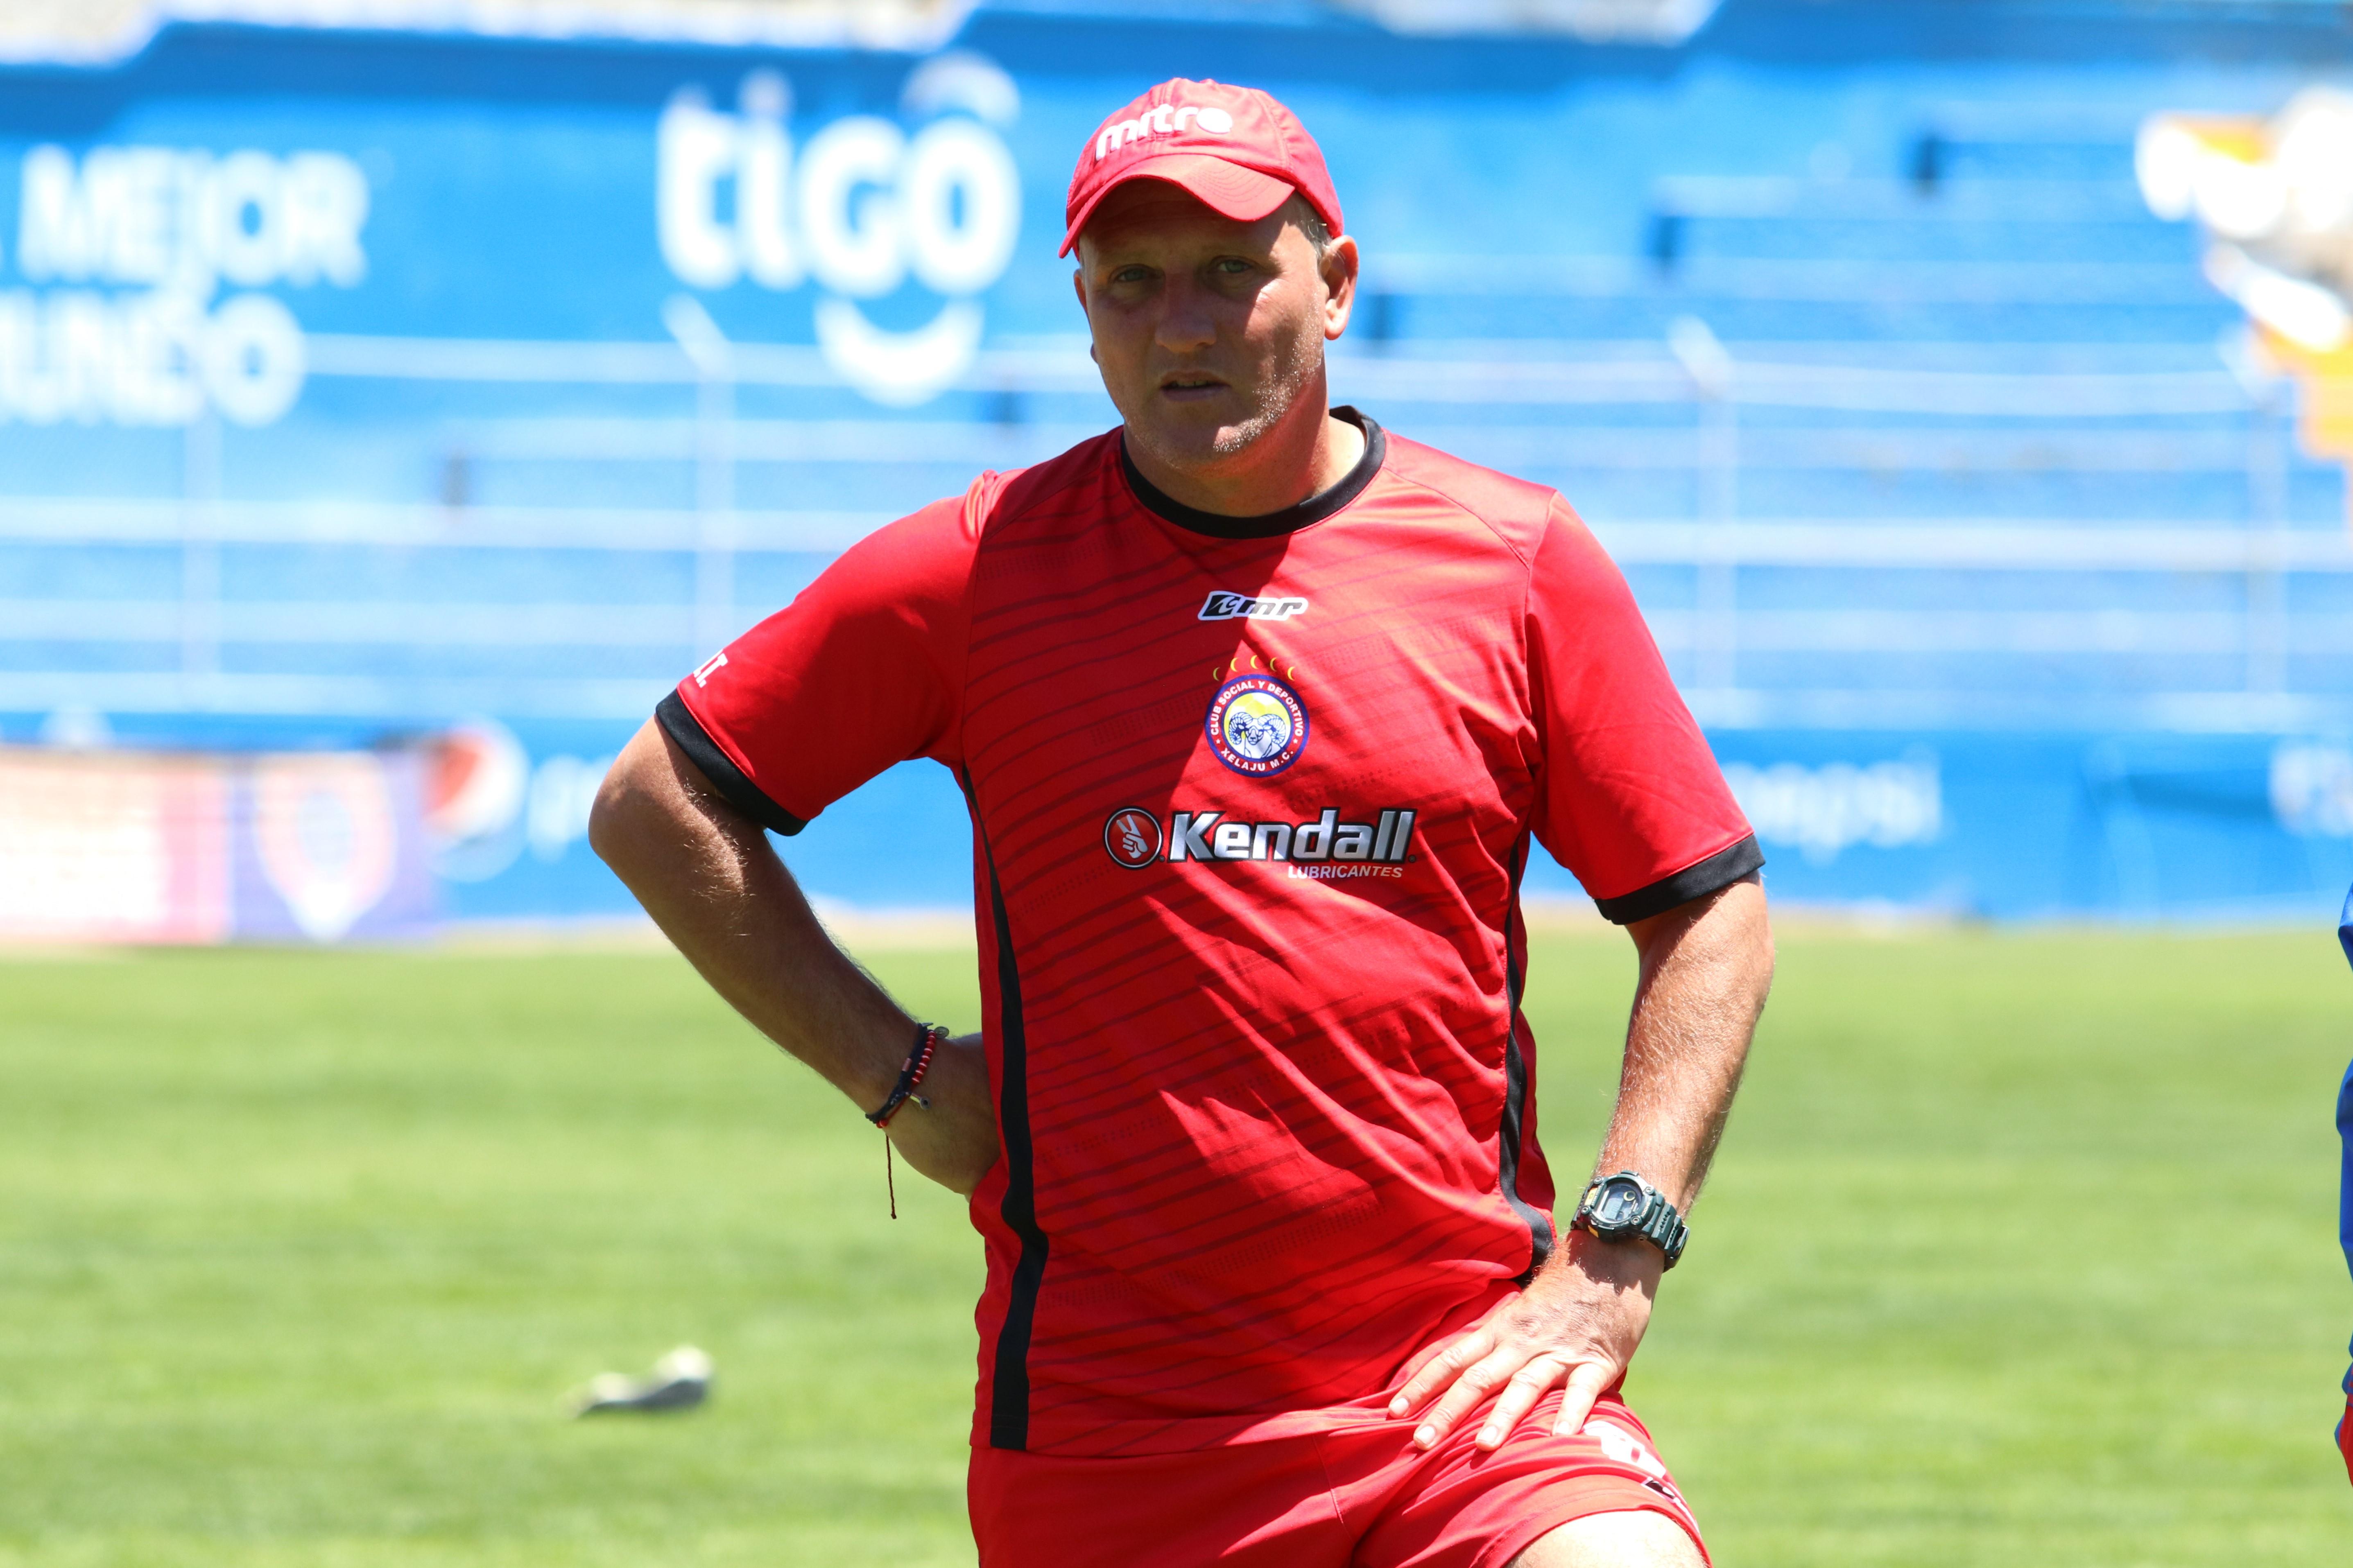 Ramiro Cepeda confía que Xelajú puede regresar con los tres puntos de su visita a Sanarate. (Foto Prensa Libre: Prensa Libre)